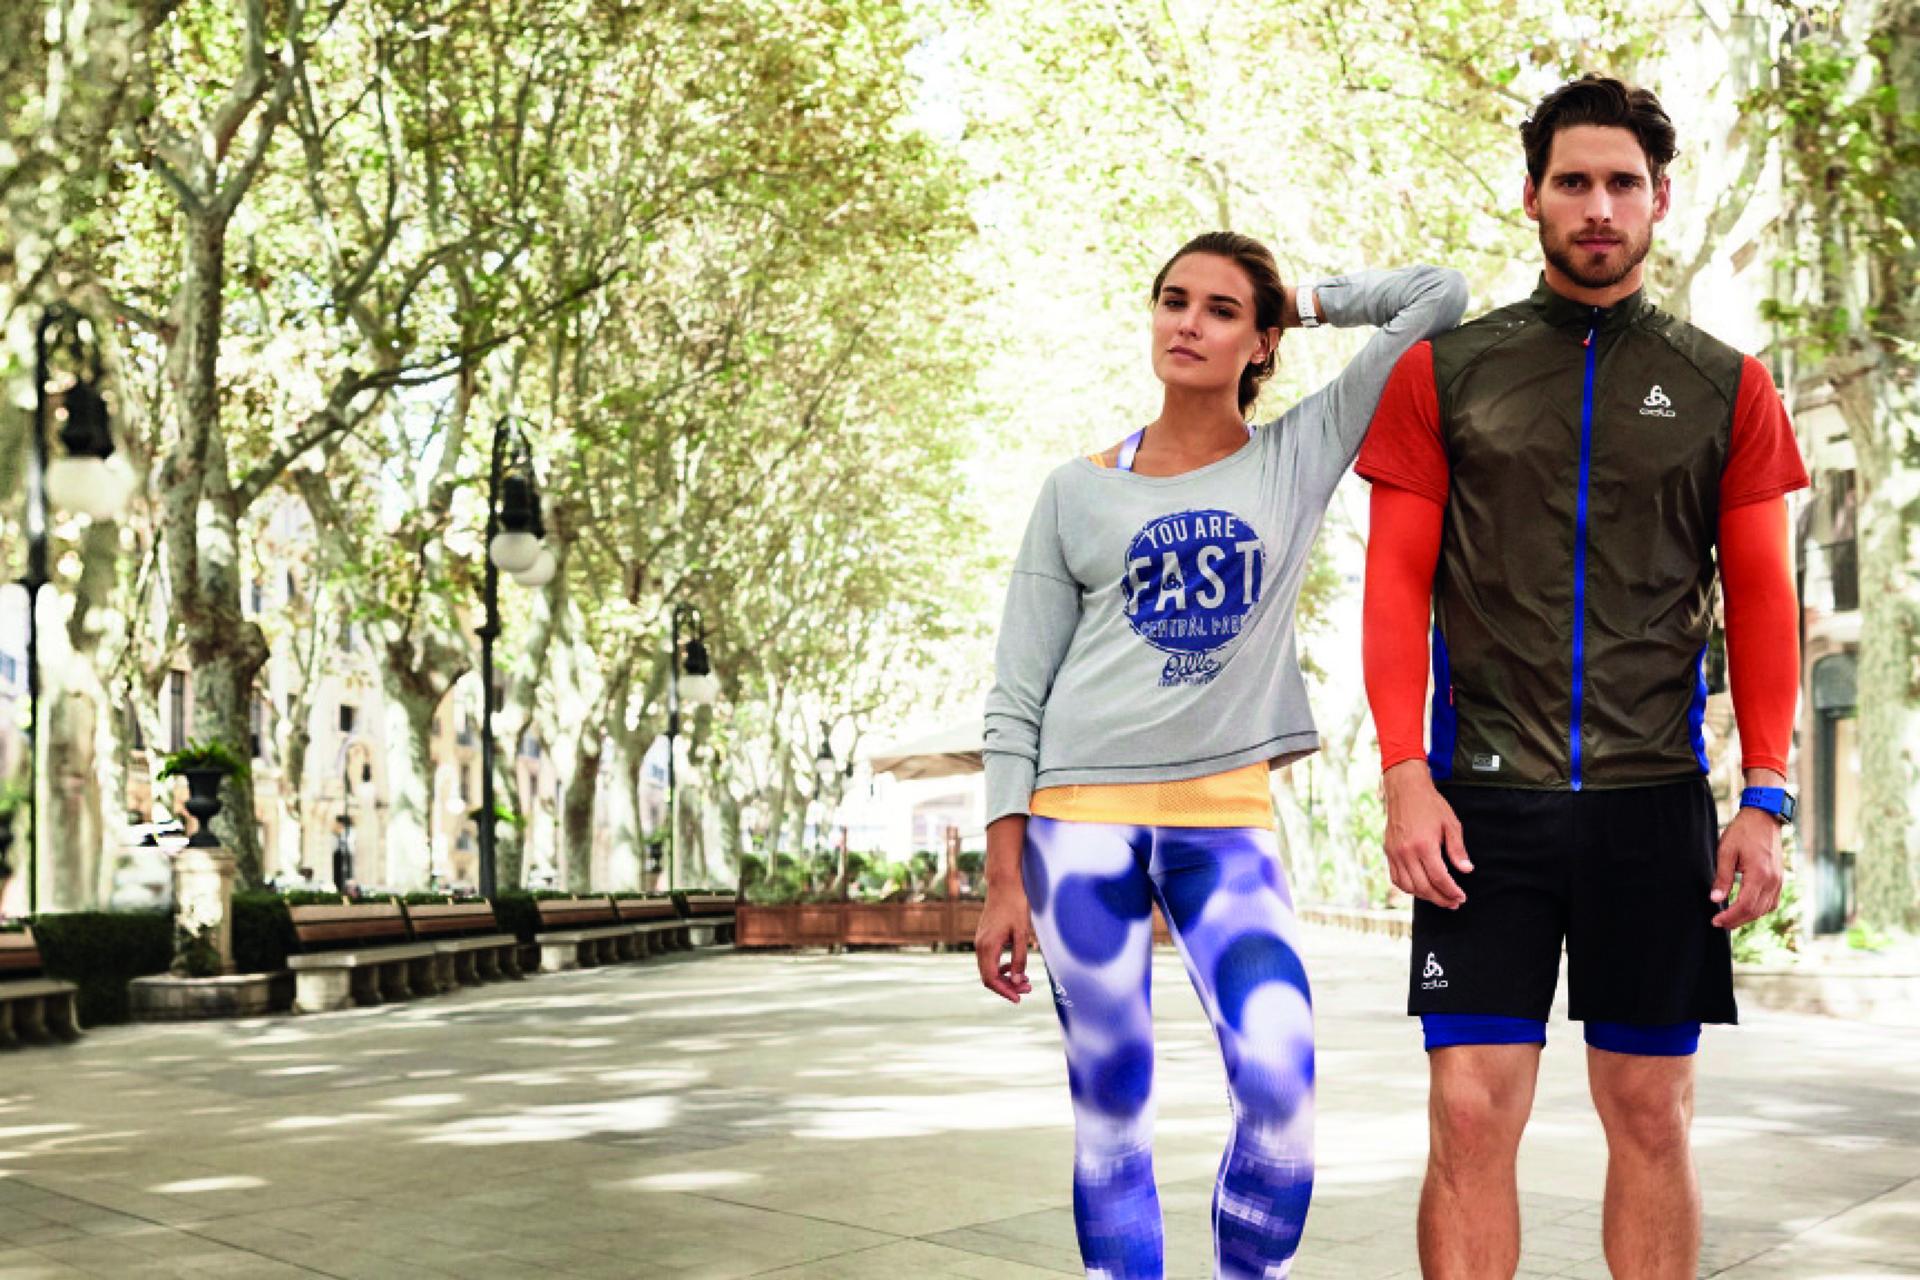 Laufen ist ein Sport, der immer beliebter wird. Viele Menschen nutzen ihre Freizeit, um bei Lauftouren im Stadtpark oder im Wald neue Energie zu tanken und den Alltagsstress hinter sich zu lassen. Für alle Laufbegeisterten bietet Odlo auch in der kommenden Saison SS15 eine professionelle Running-Kollektion an